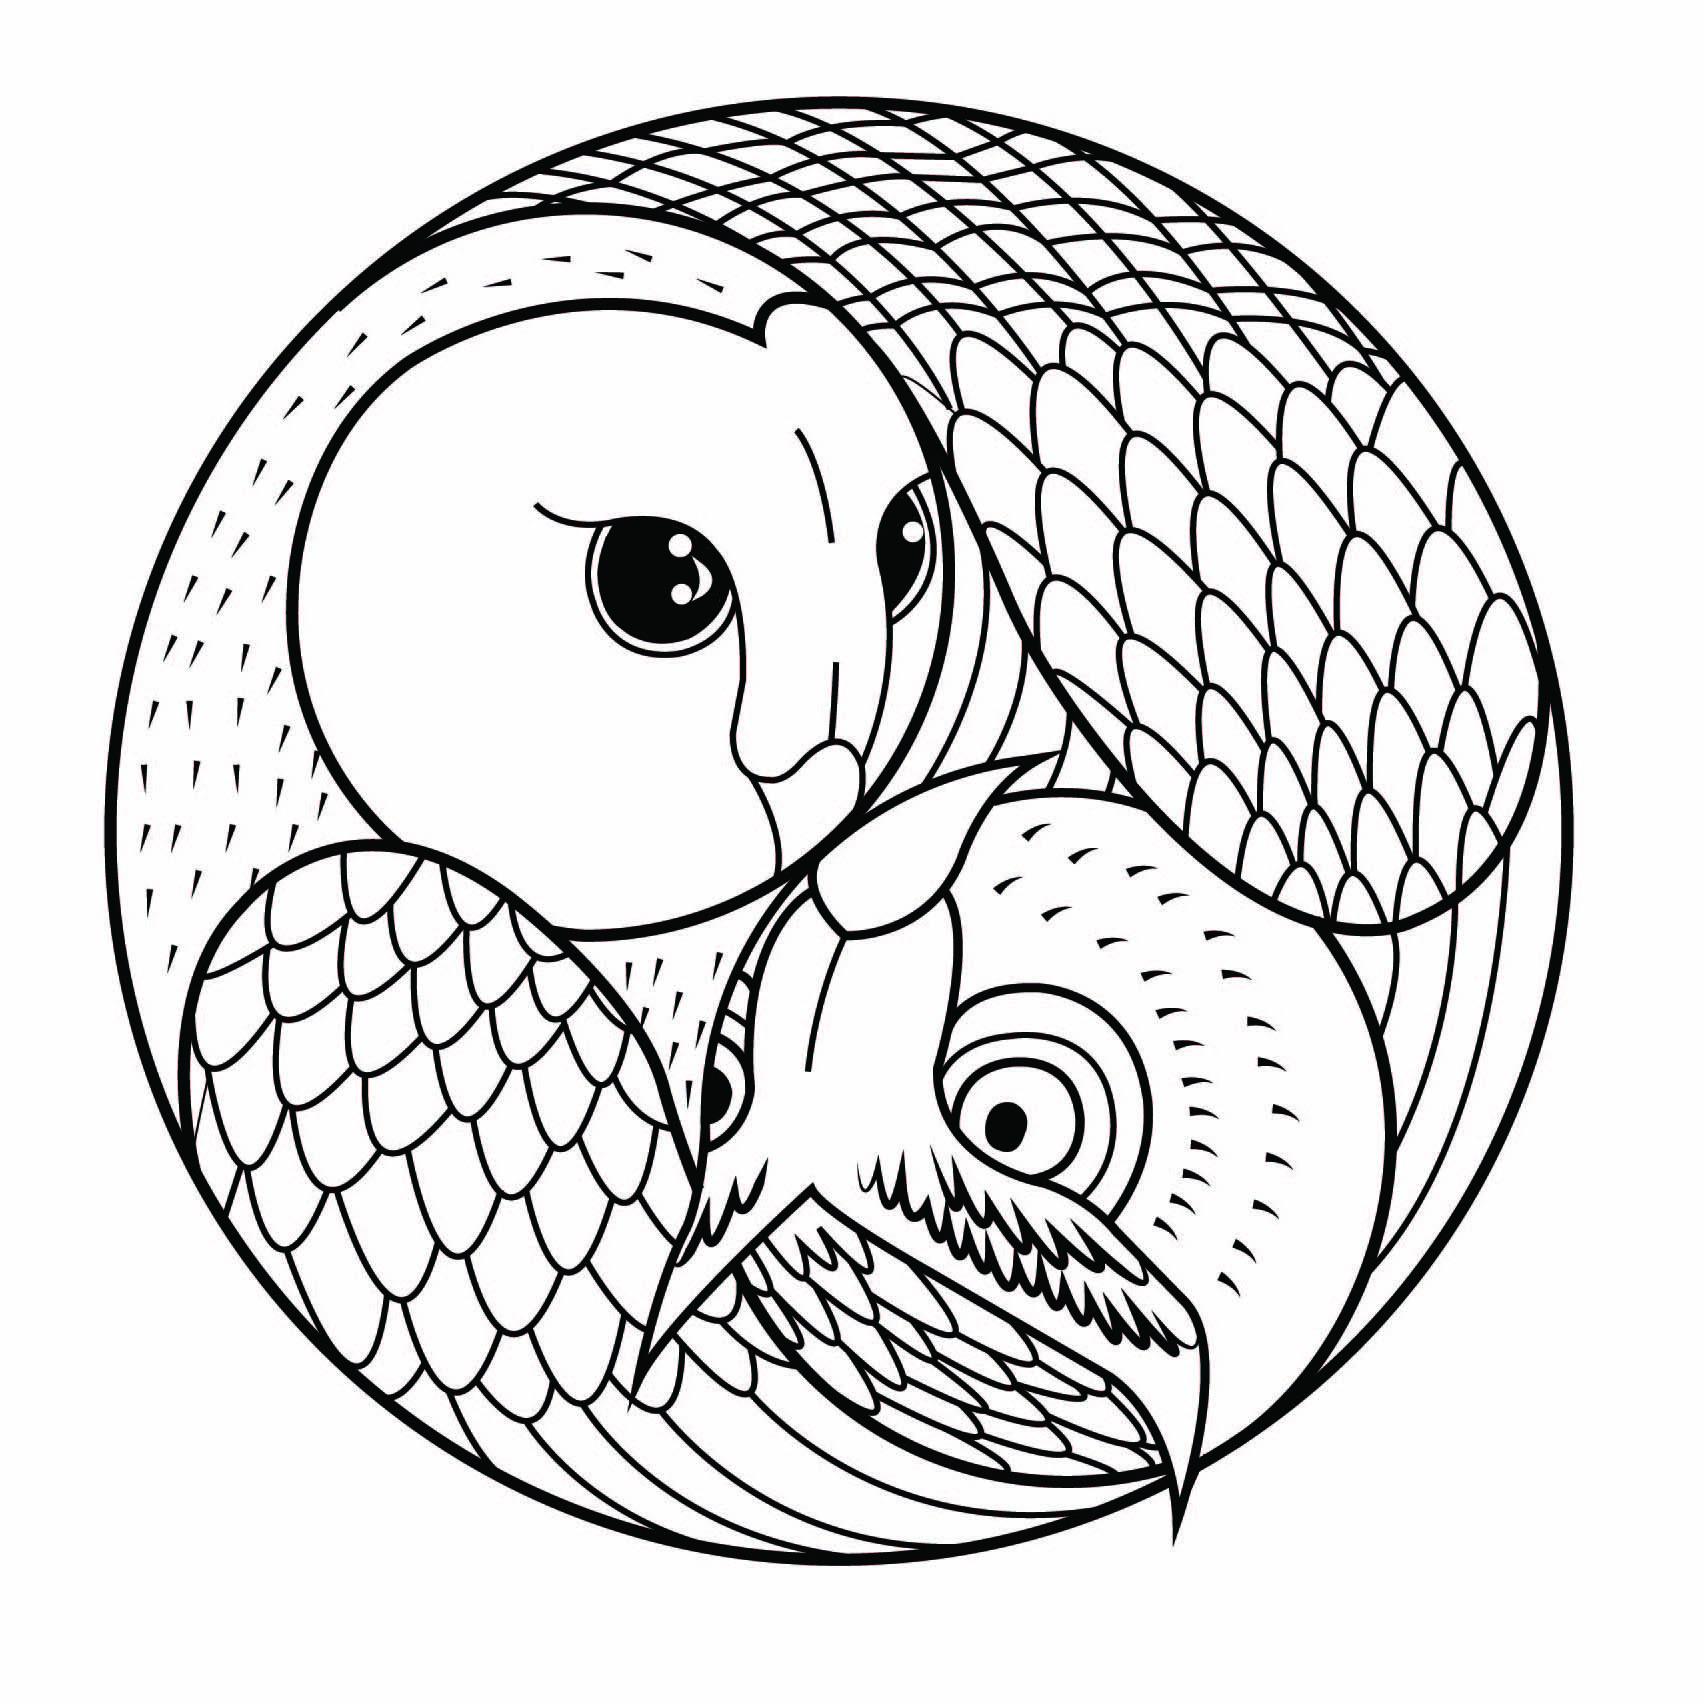 Mandala Hibou Et Chouette - Coloriage Mandalas - Coloriages à Dessin Hibou Facile